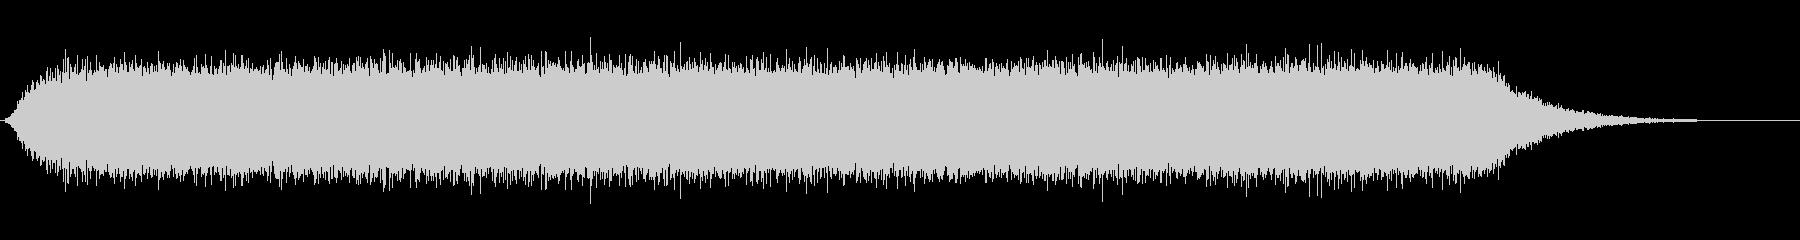 [生録音]電動モーターが回る(ロング)の未再生の波形